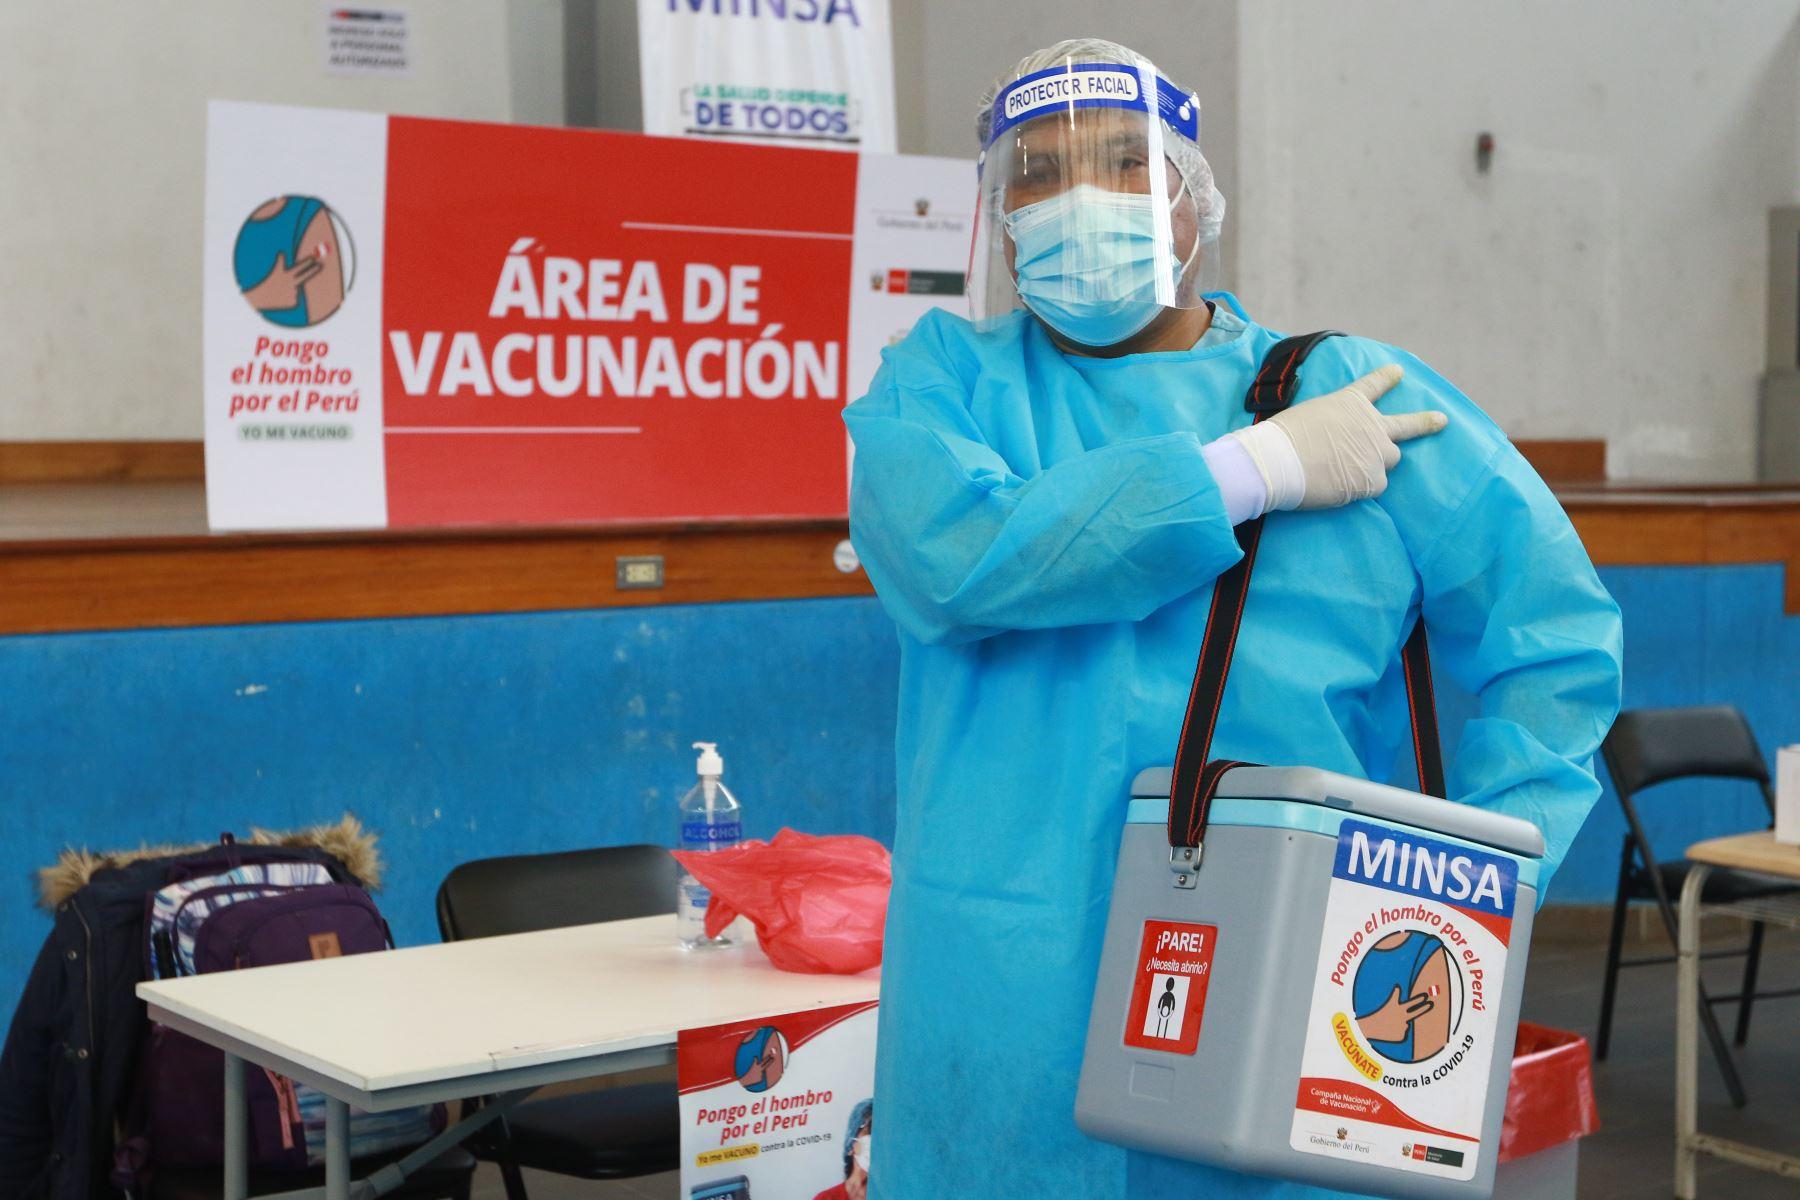 """""""Hay días que manejamos 80 brigadas por jornada. Otros días podemos llegar hasta 127 brigadas en una sola jornada de vacunación"""", cuenta el enfermero de 34 años de edad. Cada brigada está integrada por un médico, un enfermero y un técnico en enfermería. Foto: ANDINA/Jhonel Rodríguez Robles"""